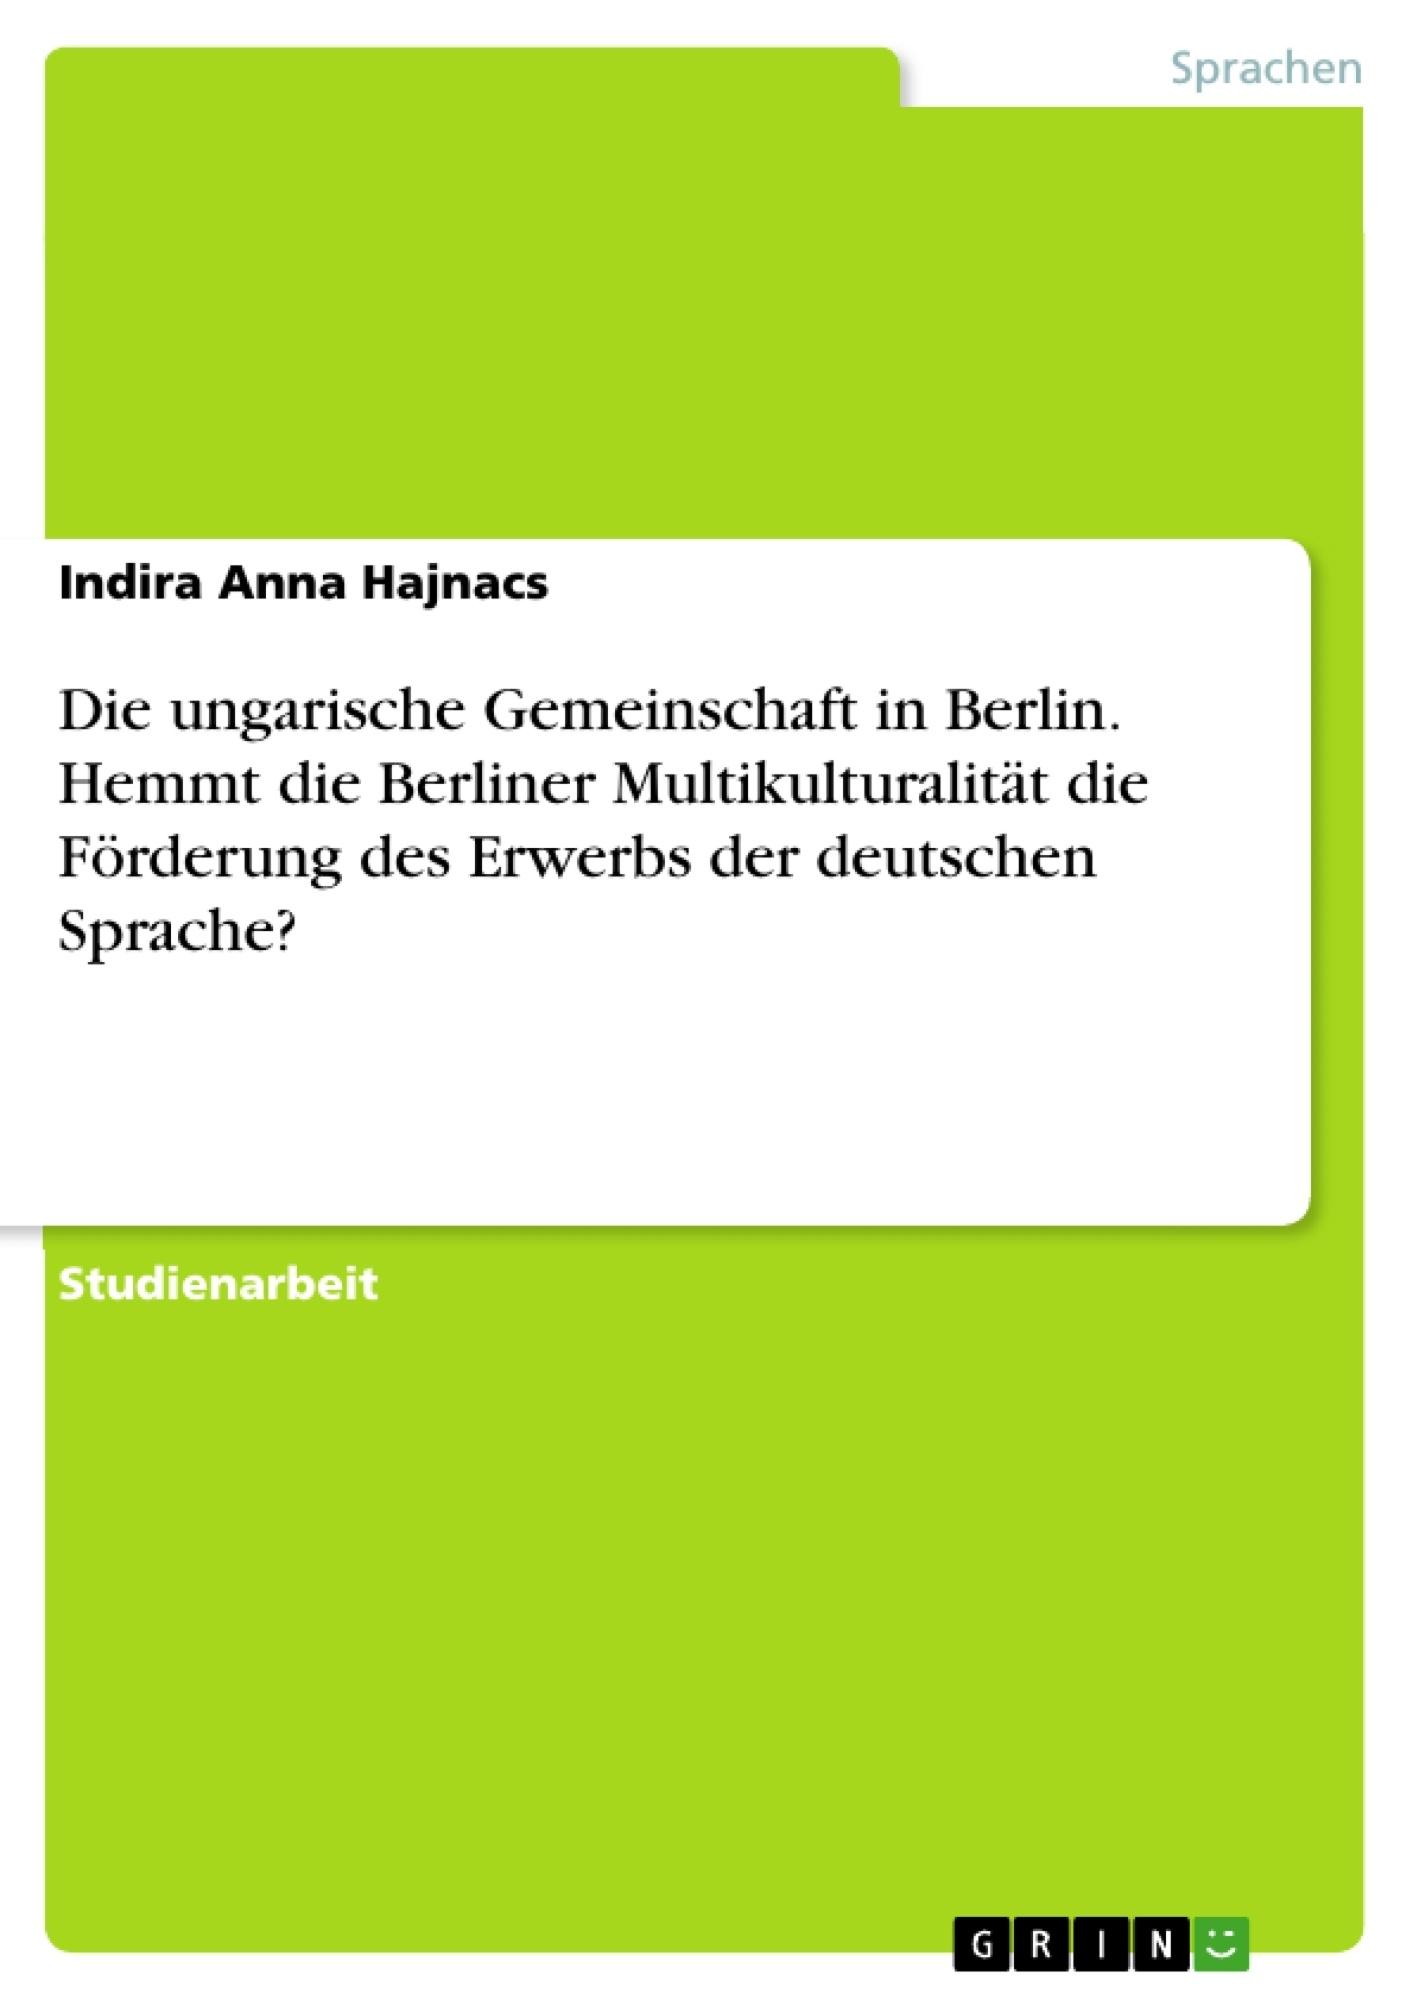 Titel: Die ungarische Gemeinschaft in Berlin. Hemmt die Berliner Multikulturalität die Förderung des Erwerbs der deutschen Sprache?